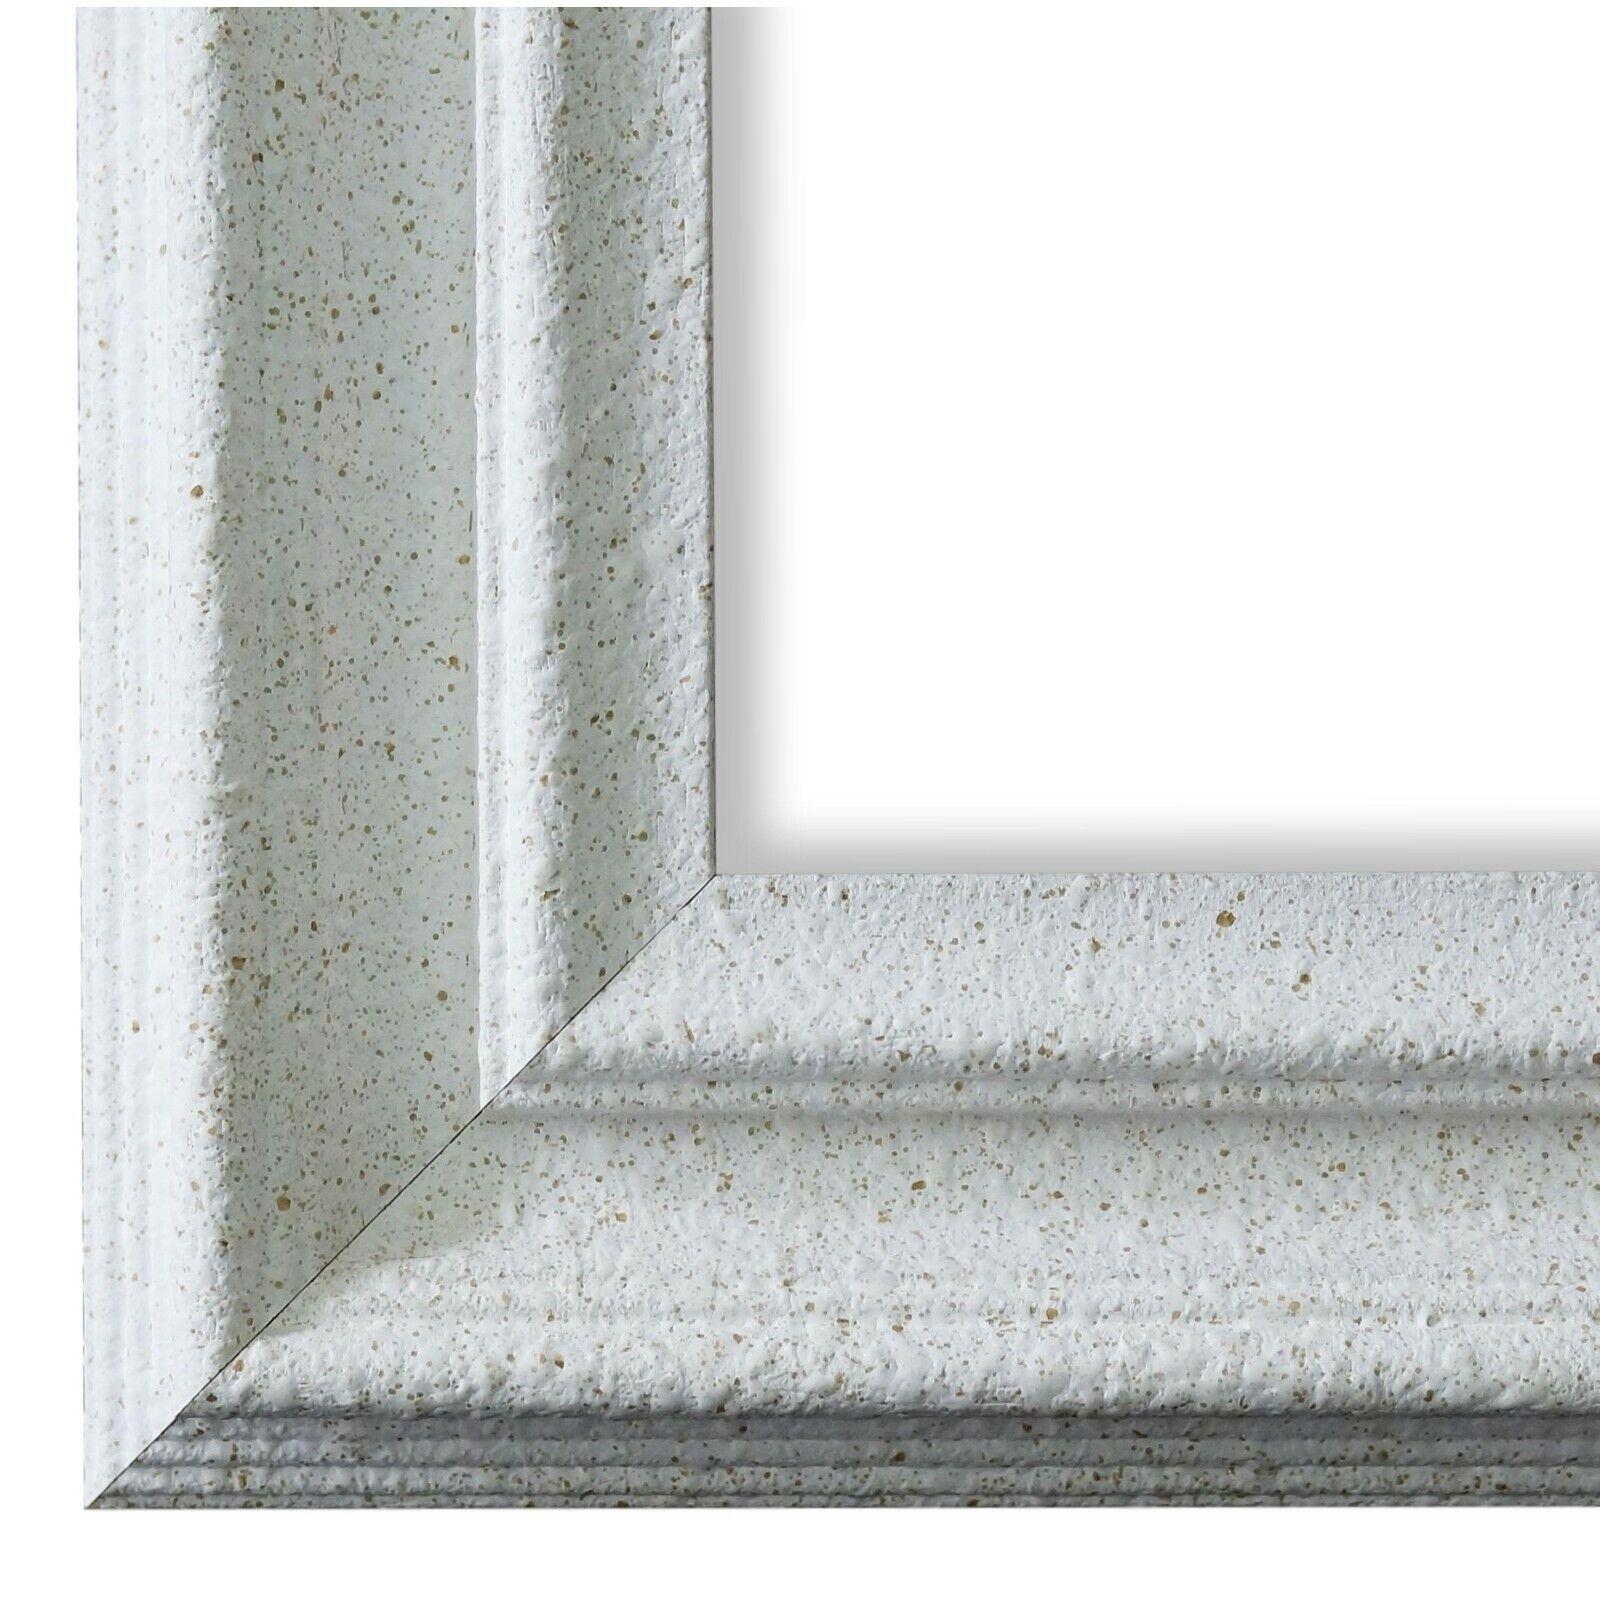 Bilderrahmen Trento Weiss - 80x80 80x90 80x100 80x120 90x90 90x100 100x100